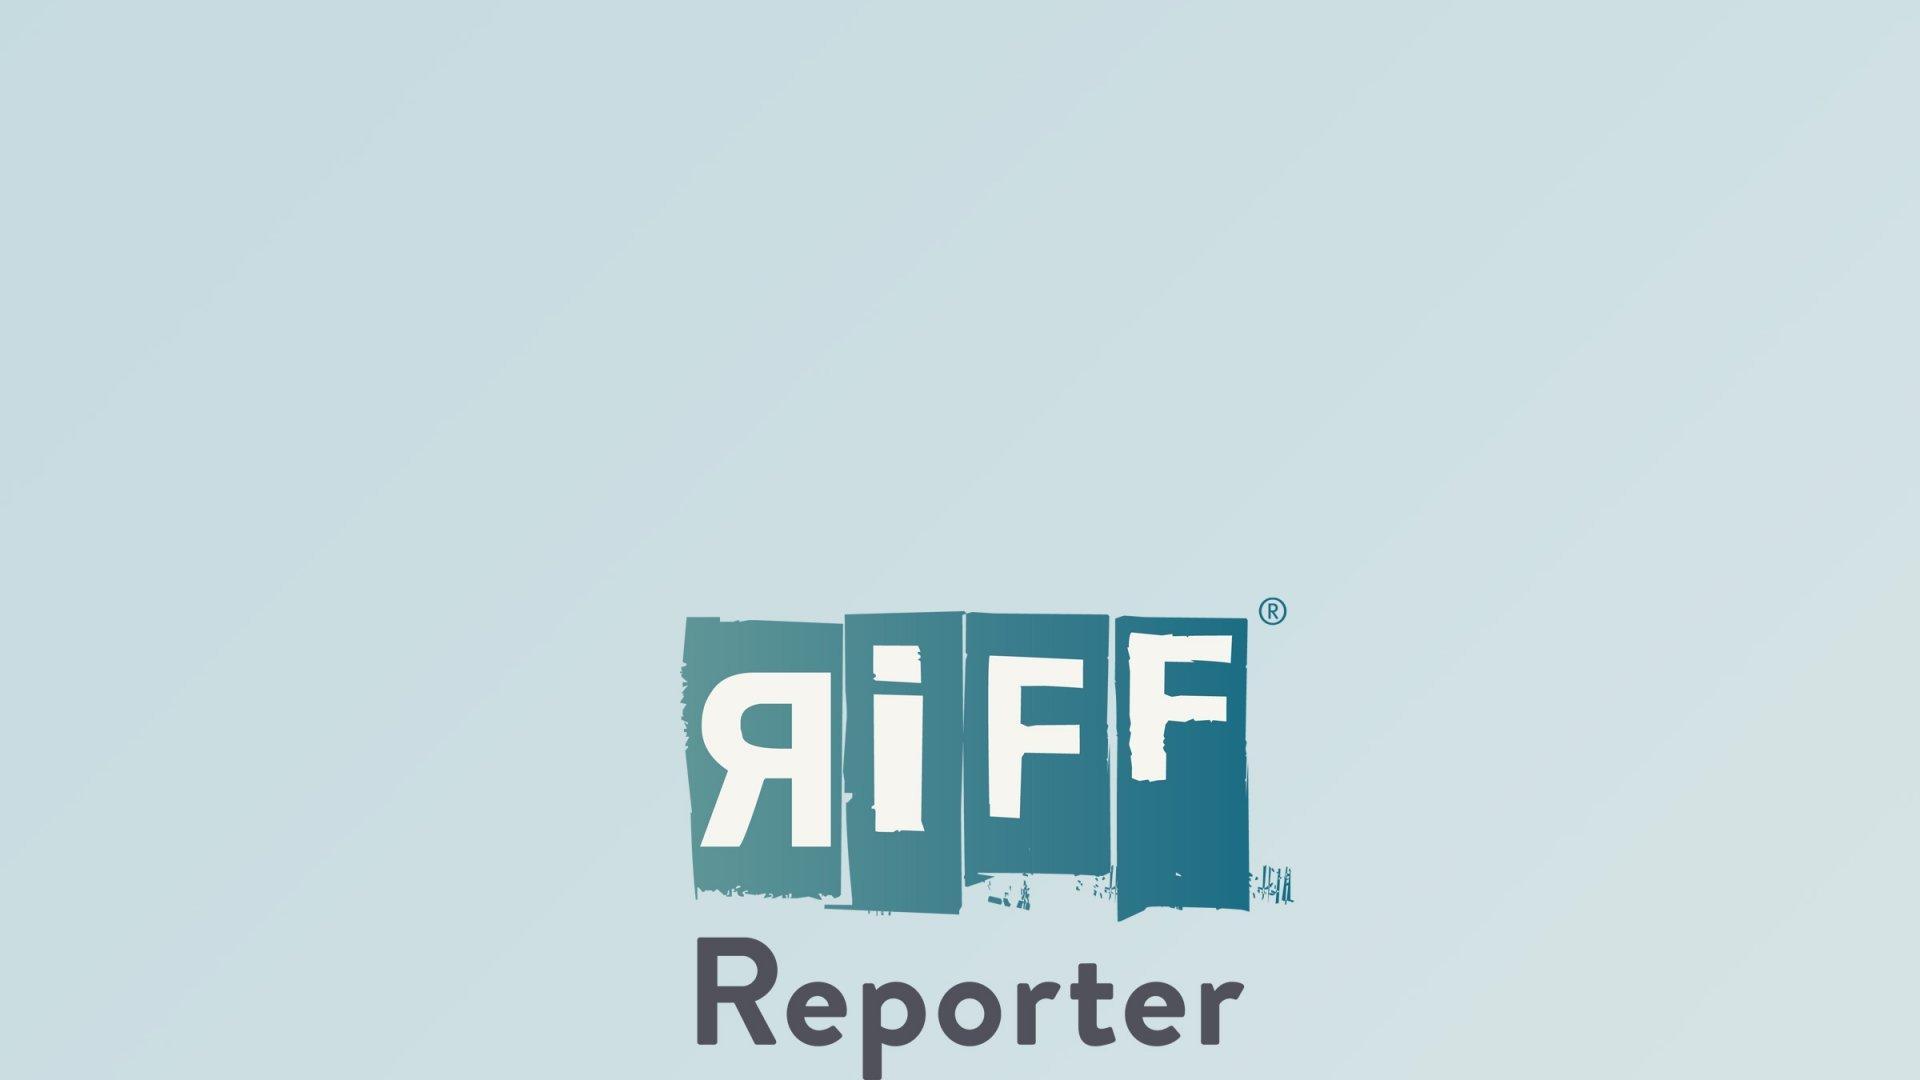 Förderbänder für fossile Brennstoffe im Steinkohlekraftwerk, Silhouette bei Wintersonnenaufgang